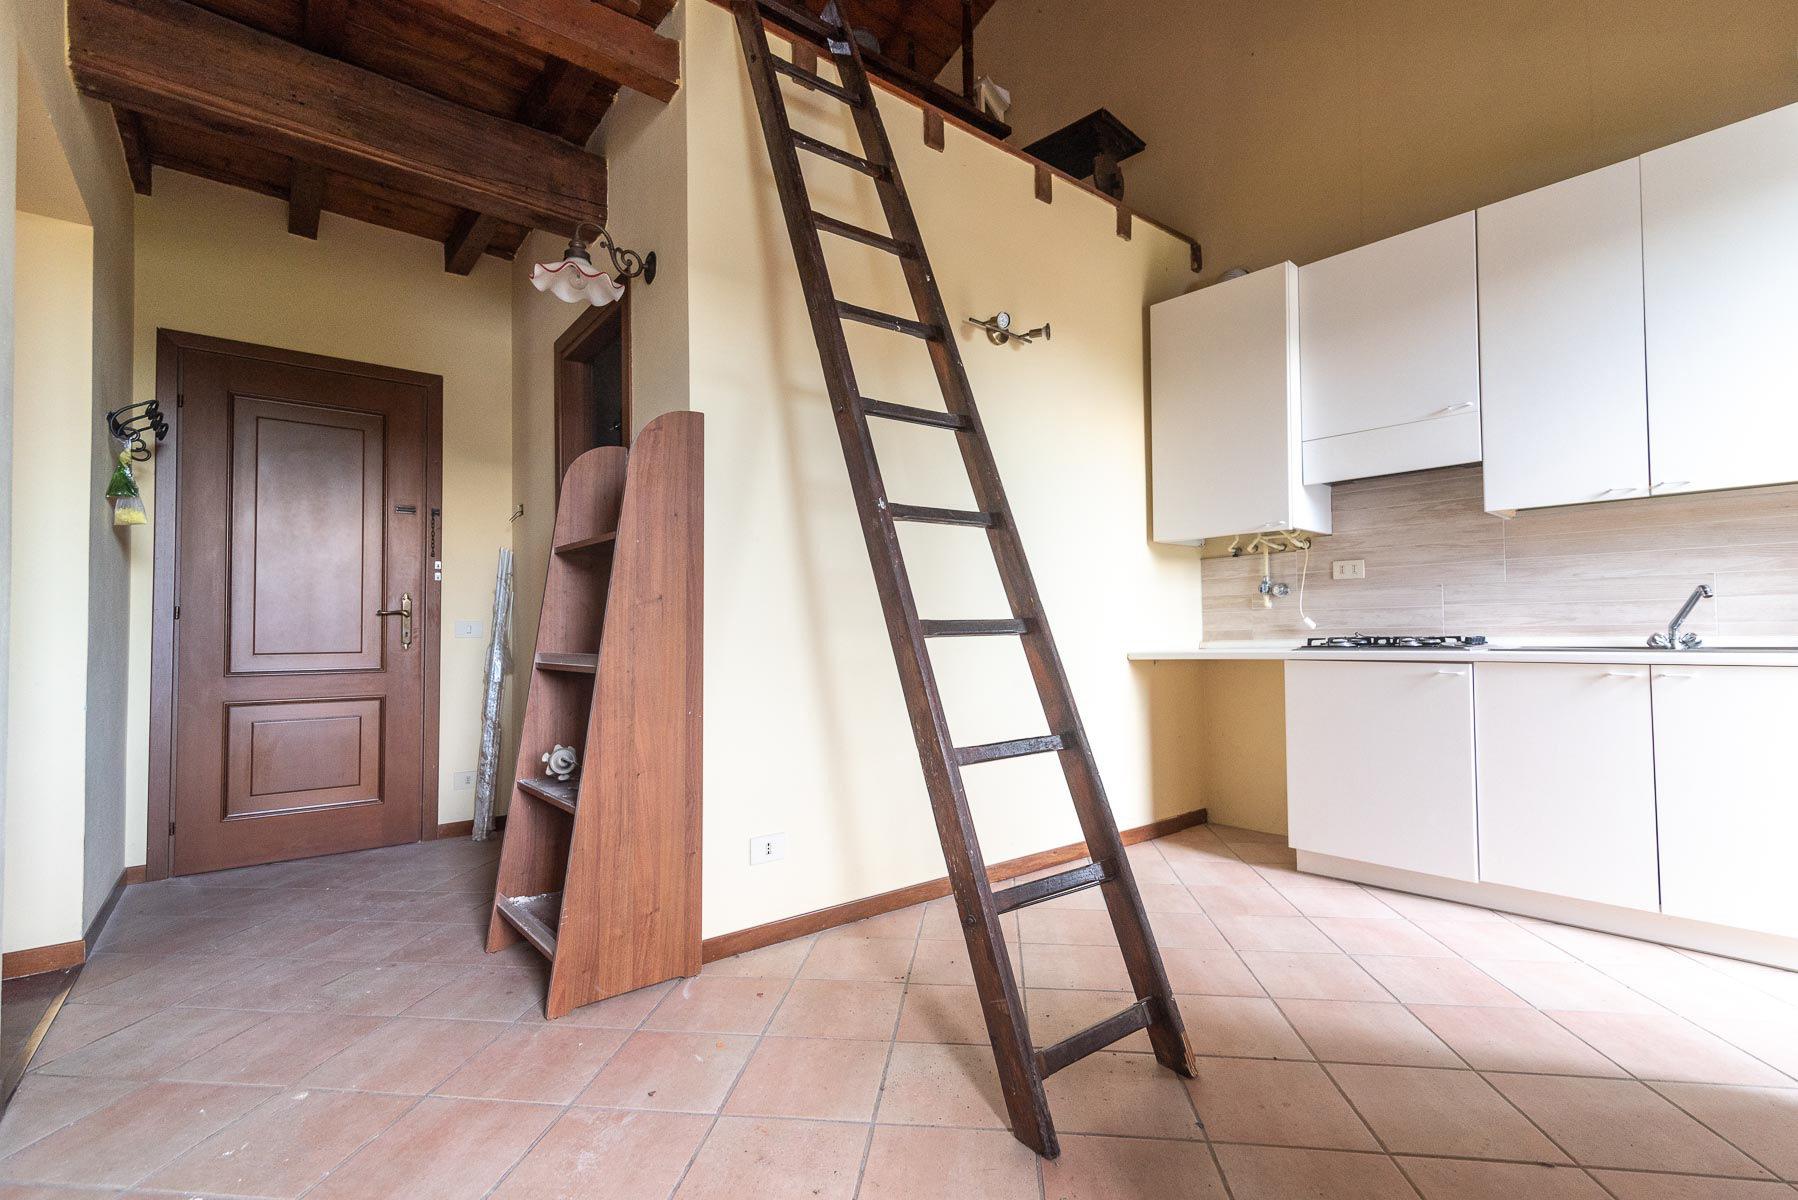 Apartment for sale in Pescatori Island, Stresa - kitchen area